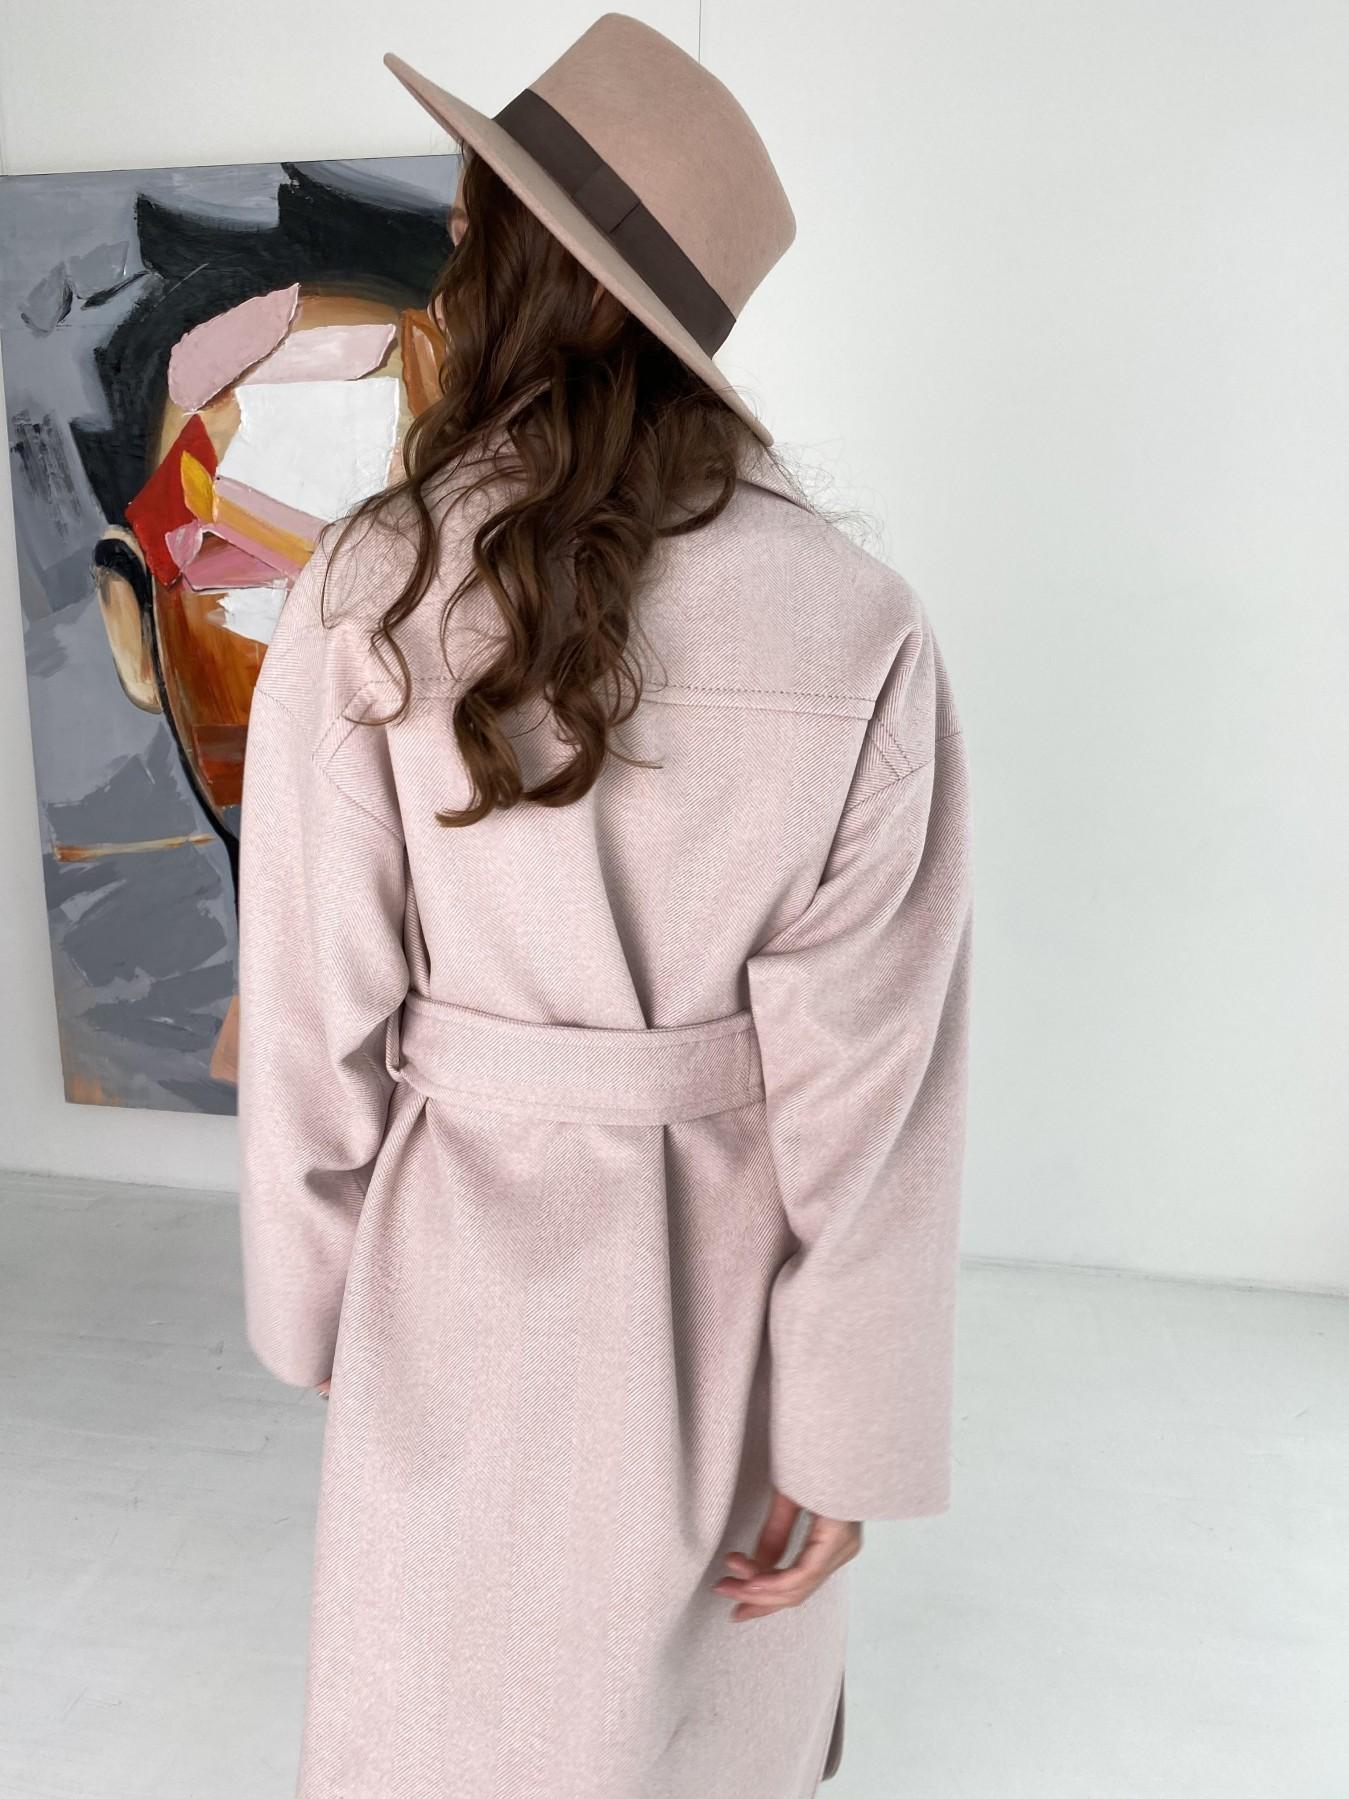 Ола  пальто в мелкую елочку из пальтовой ткани 10648 АРТ. 46989 Цвет: Пудра - фото 13, интернет магазин tm-modus.ru